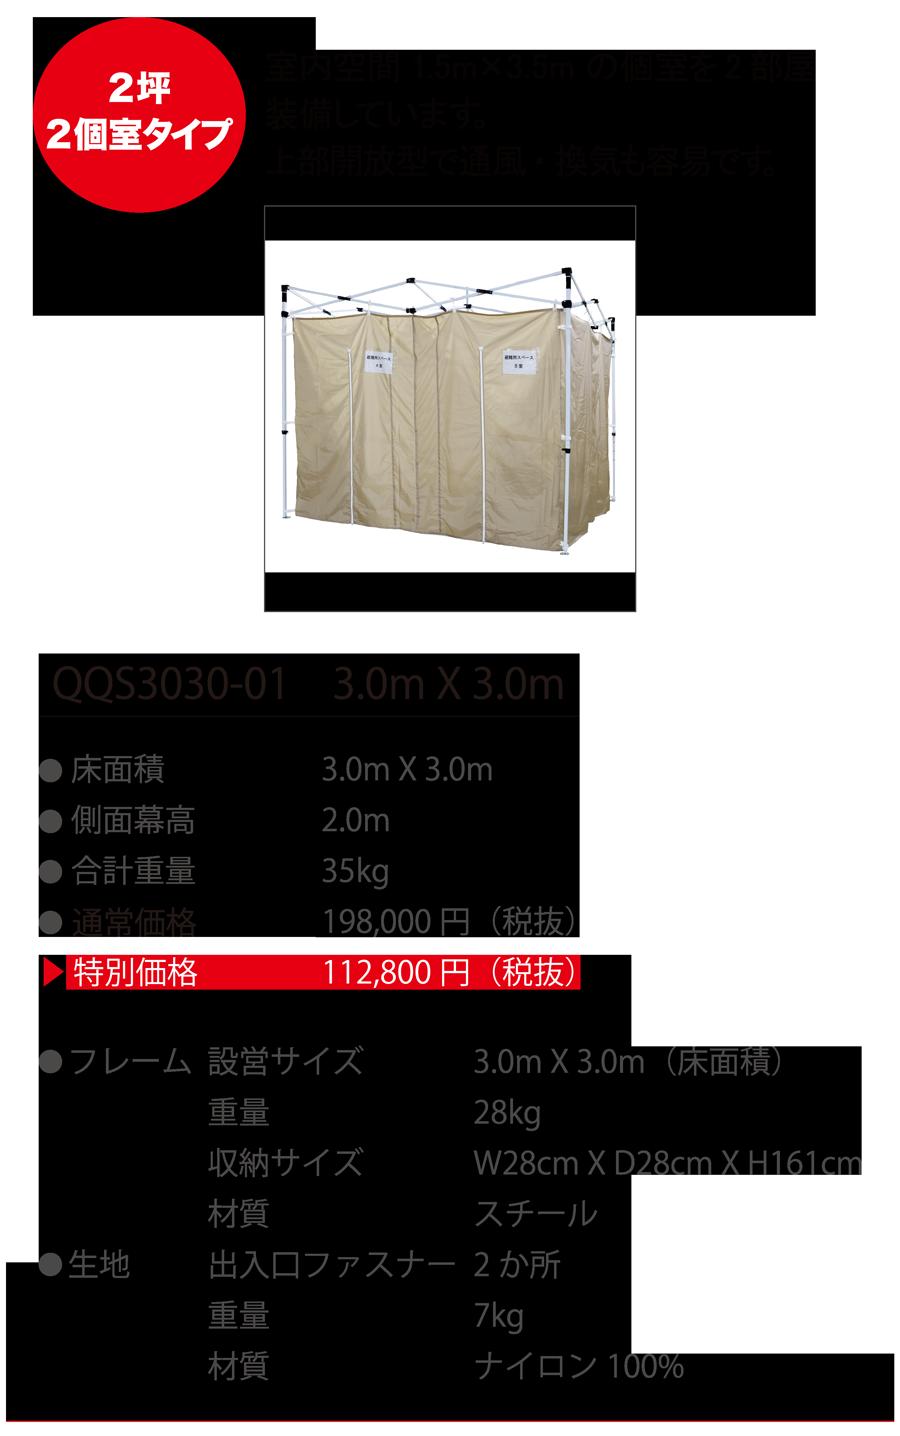 2坪2個室タイプ 室内空間 1.5mX3.5m の個室を2部屋装備しています。上部開放型で通風・換気も容易です。 QQS3030-01 3.0m X 3.0m ●床面積 3.0m X 3.0m ●側面膜高 2.0m ●合計重量 35kg ●通常価格 198,000円(税抜) ●特別価格 112,800円(税抜) ●フレーム 設営サイズ 3.0m X 3.0m(床面積) 重量 28kg 収納サイズ W28cm X D28cm X H161cm 材質 スチール ●生地 出入口ファスナー 2か所 重量 7kg 材質 ナイロン 100%